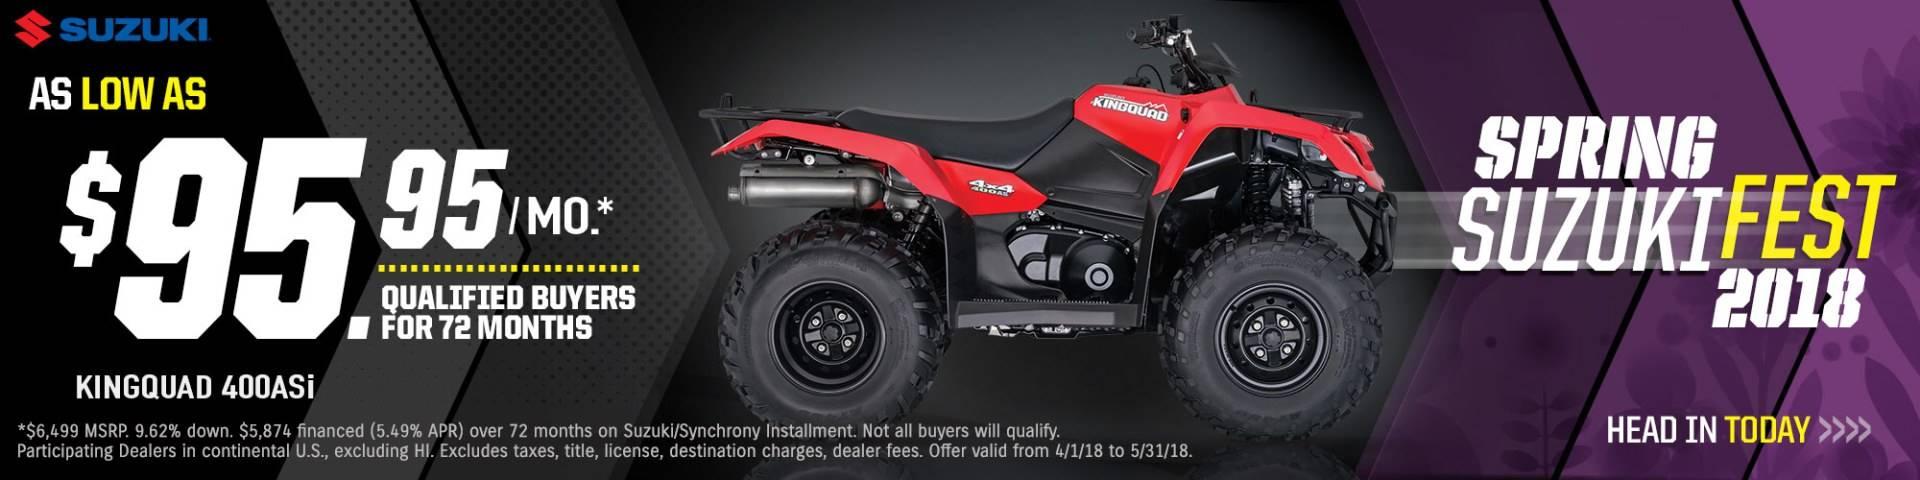 Suzuki - Spring Suzuki Fest for Utility Sport and Sport ATV